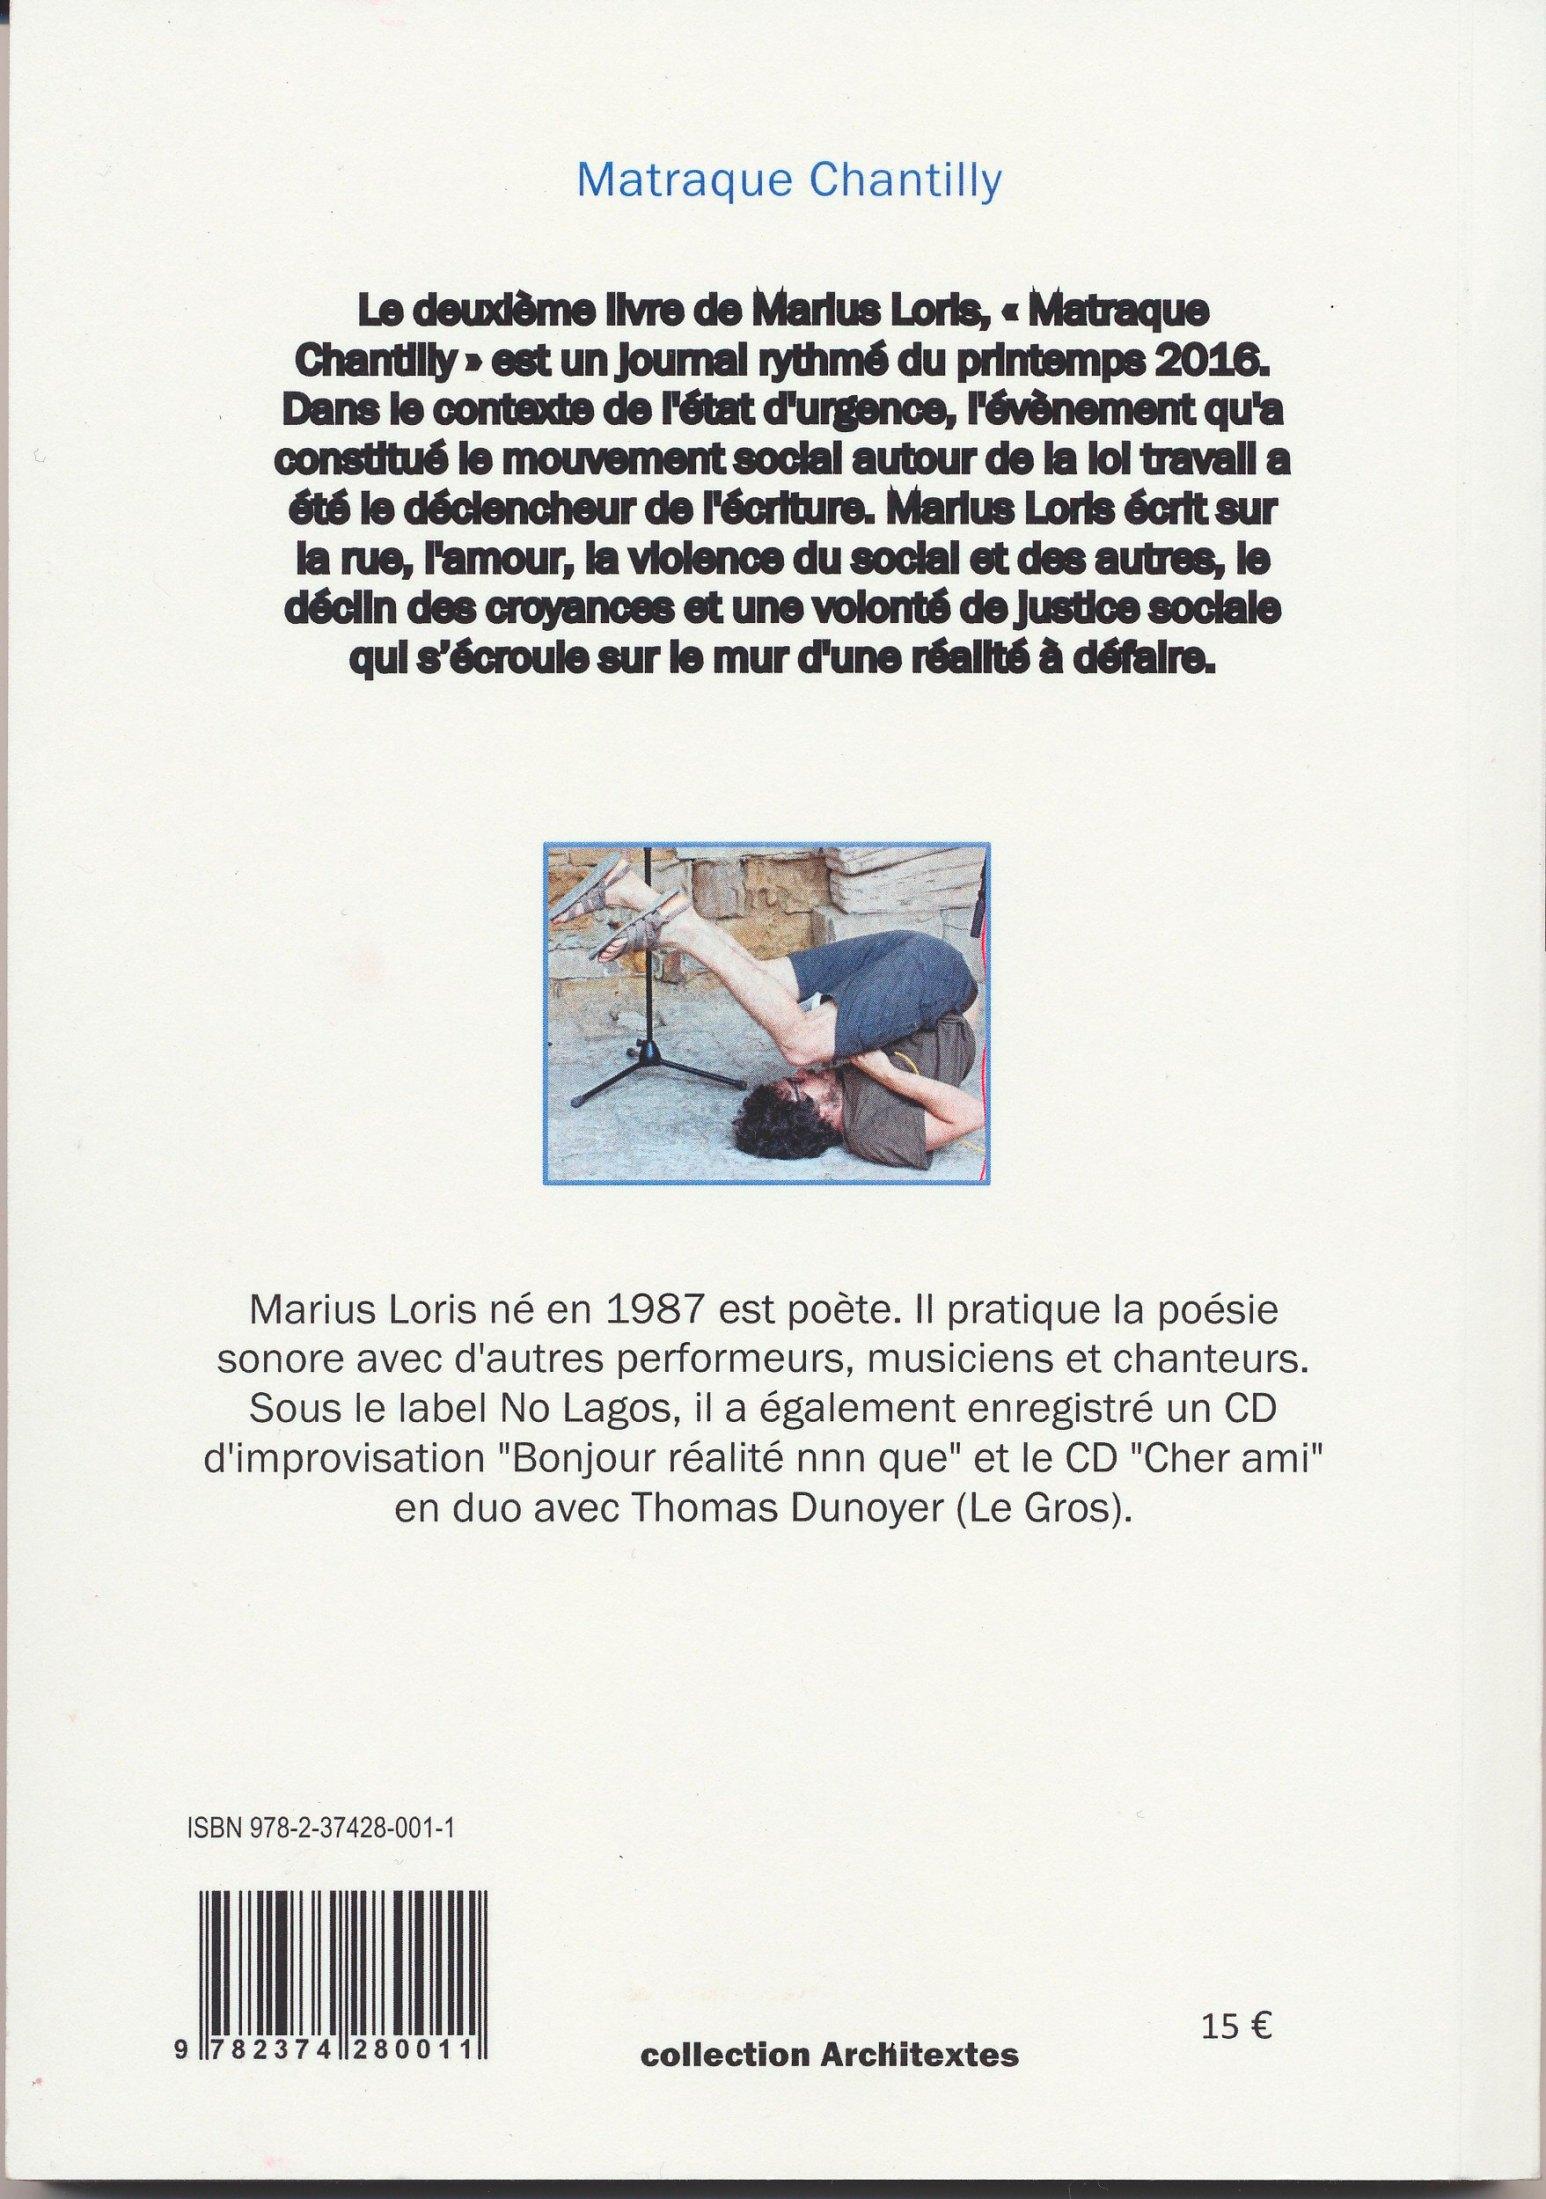 JOINDRE VOS IMAGES (JPG UNIQUEMENT) / Max : 1 Mo